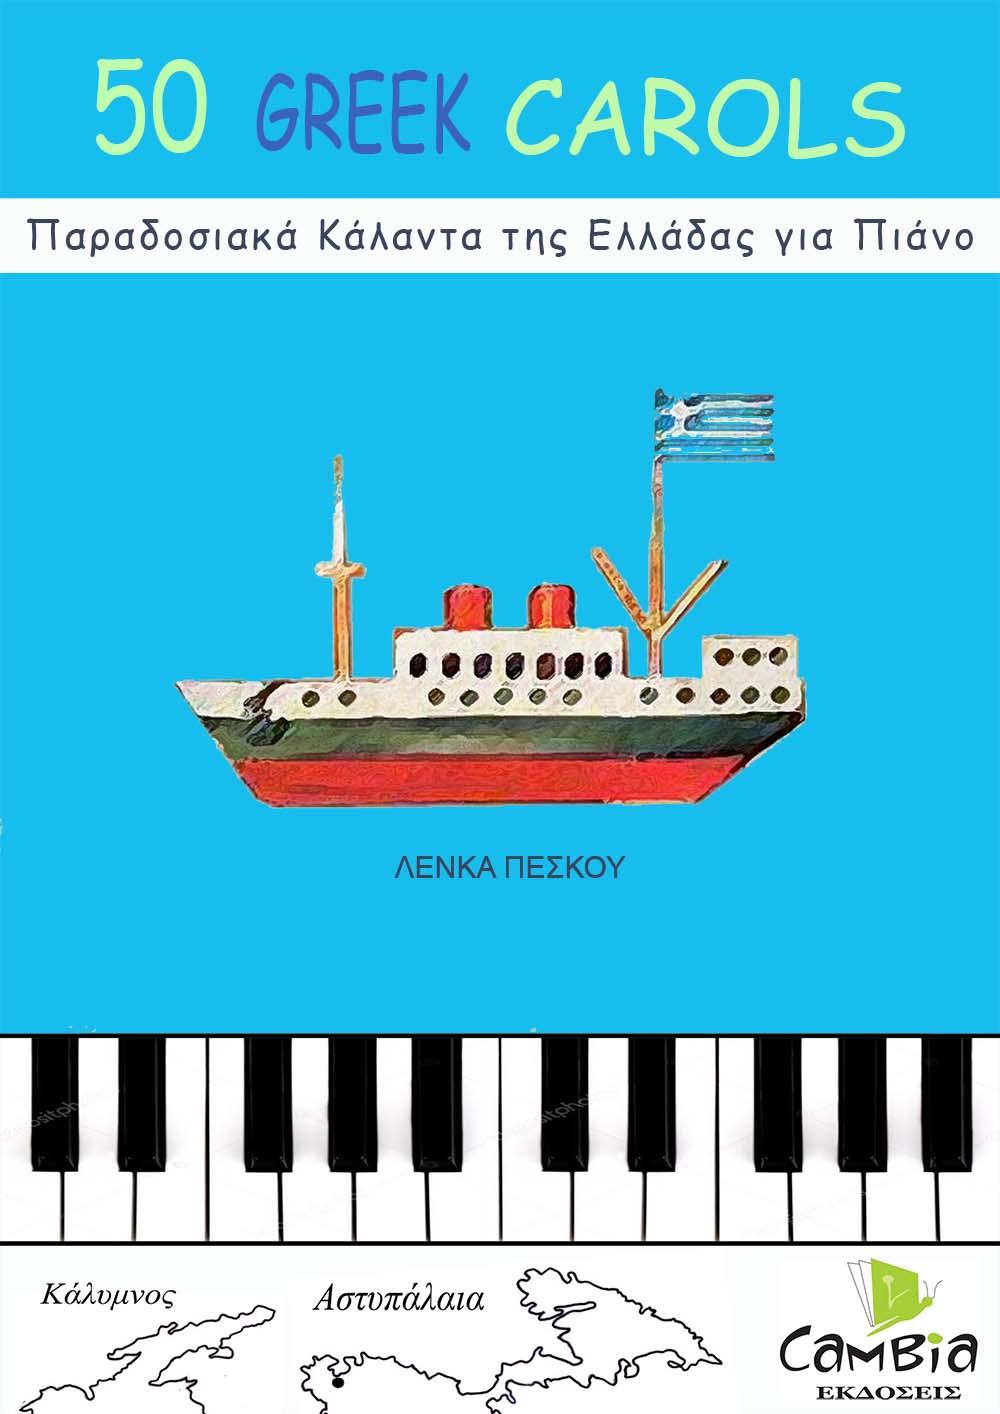 Εντυπες Εκδόσεις Cambia    πιάνο    50 Παραδοσιακά Κάλαντα της ... 0cc1e80b751